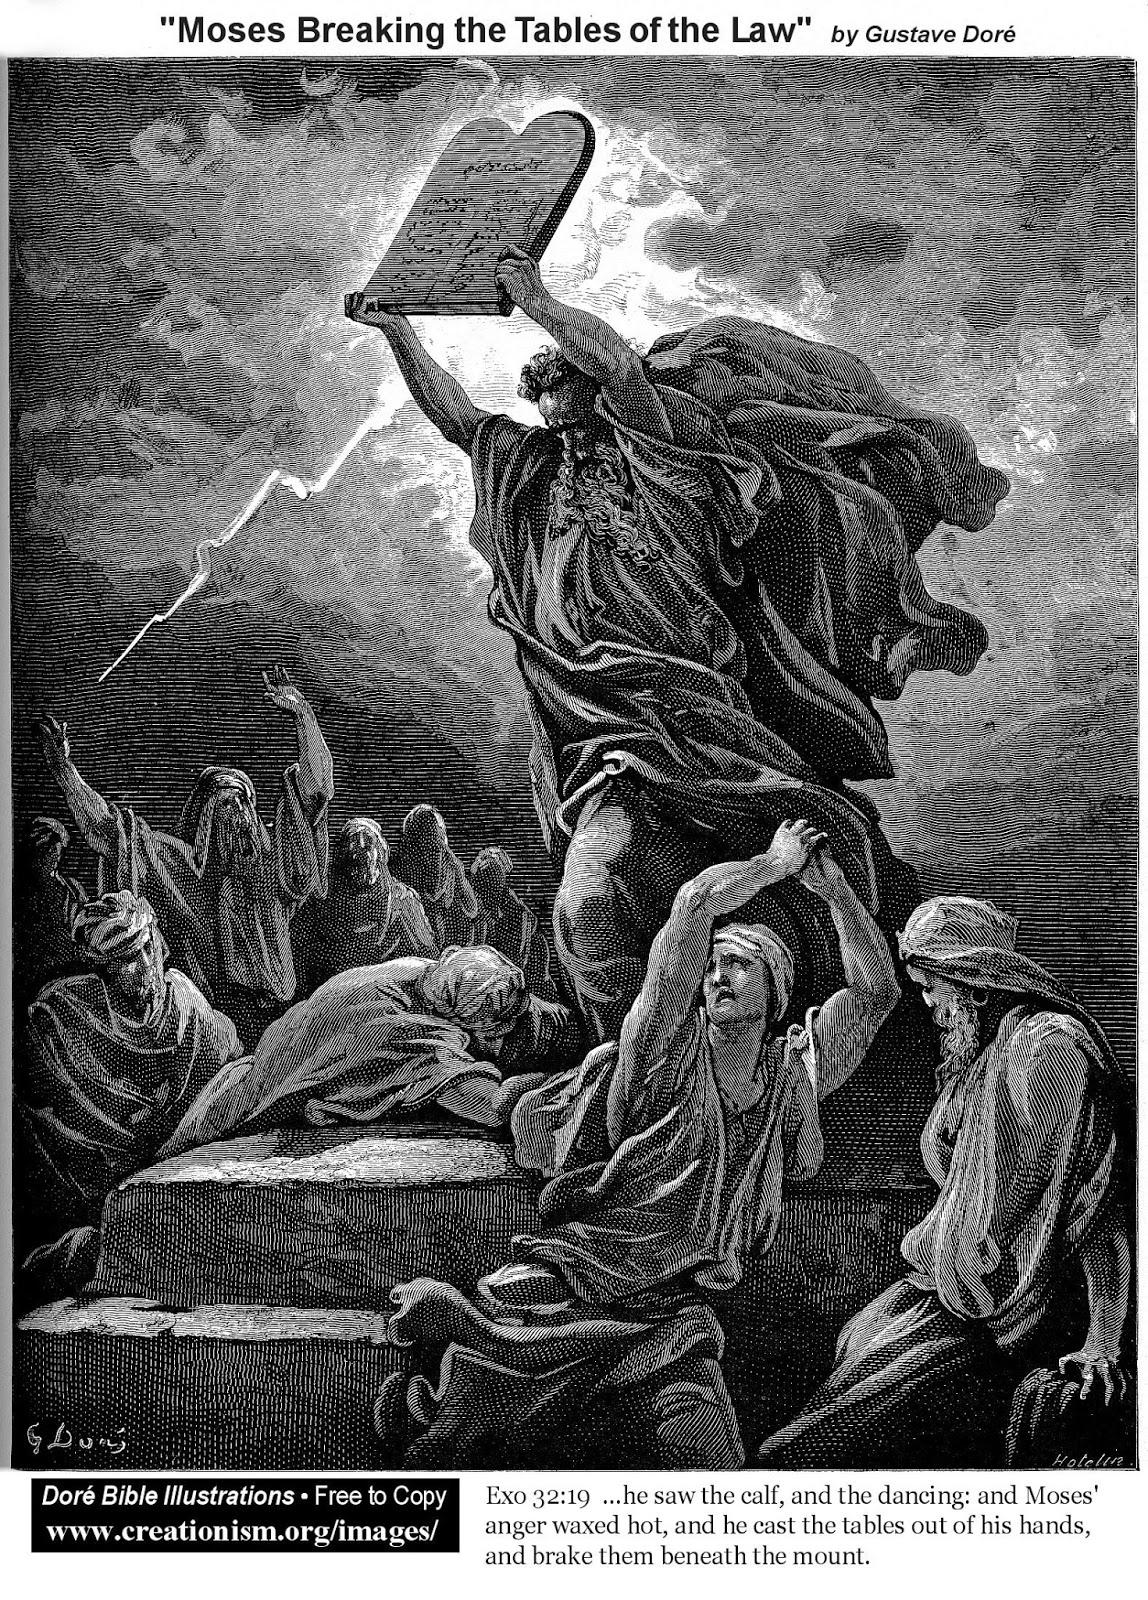 kreacjonista twierdzi, że datowanie radiometryczne